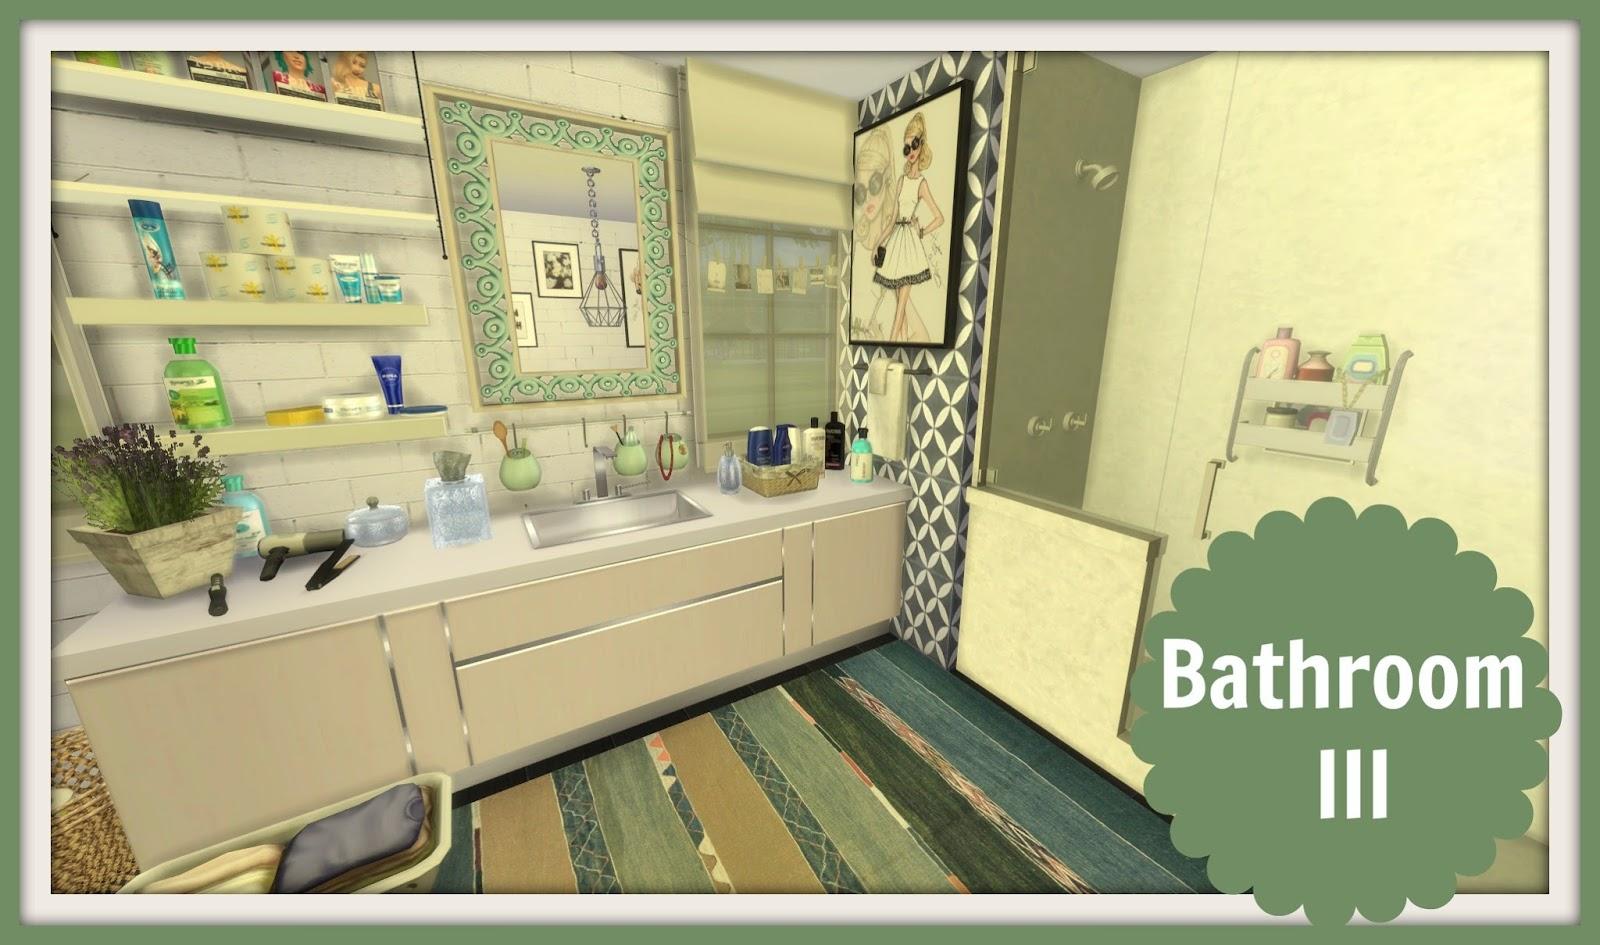 Sims 4 bathroom iii dinha for Bathroom ideas sims 4